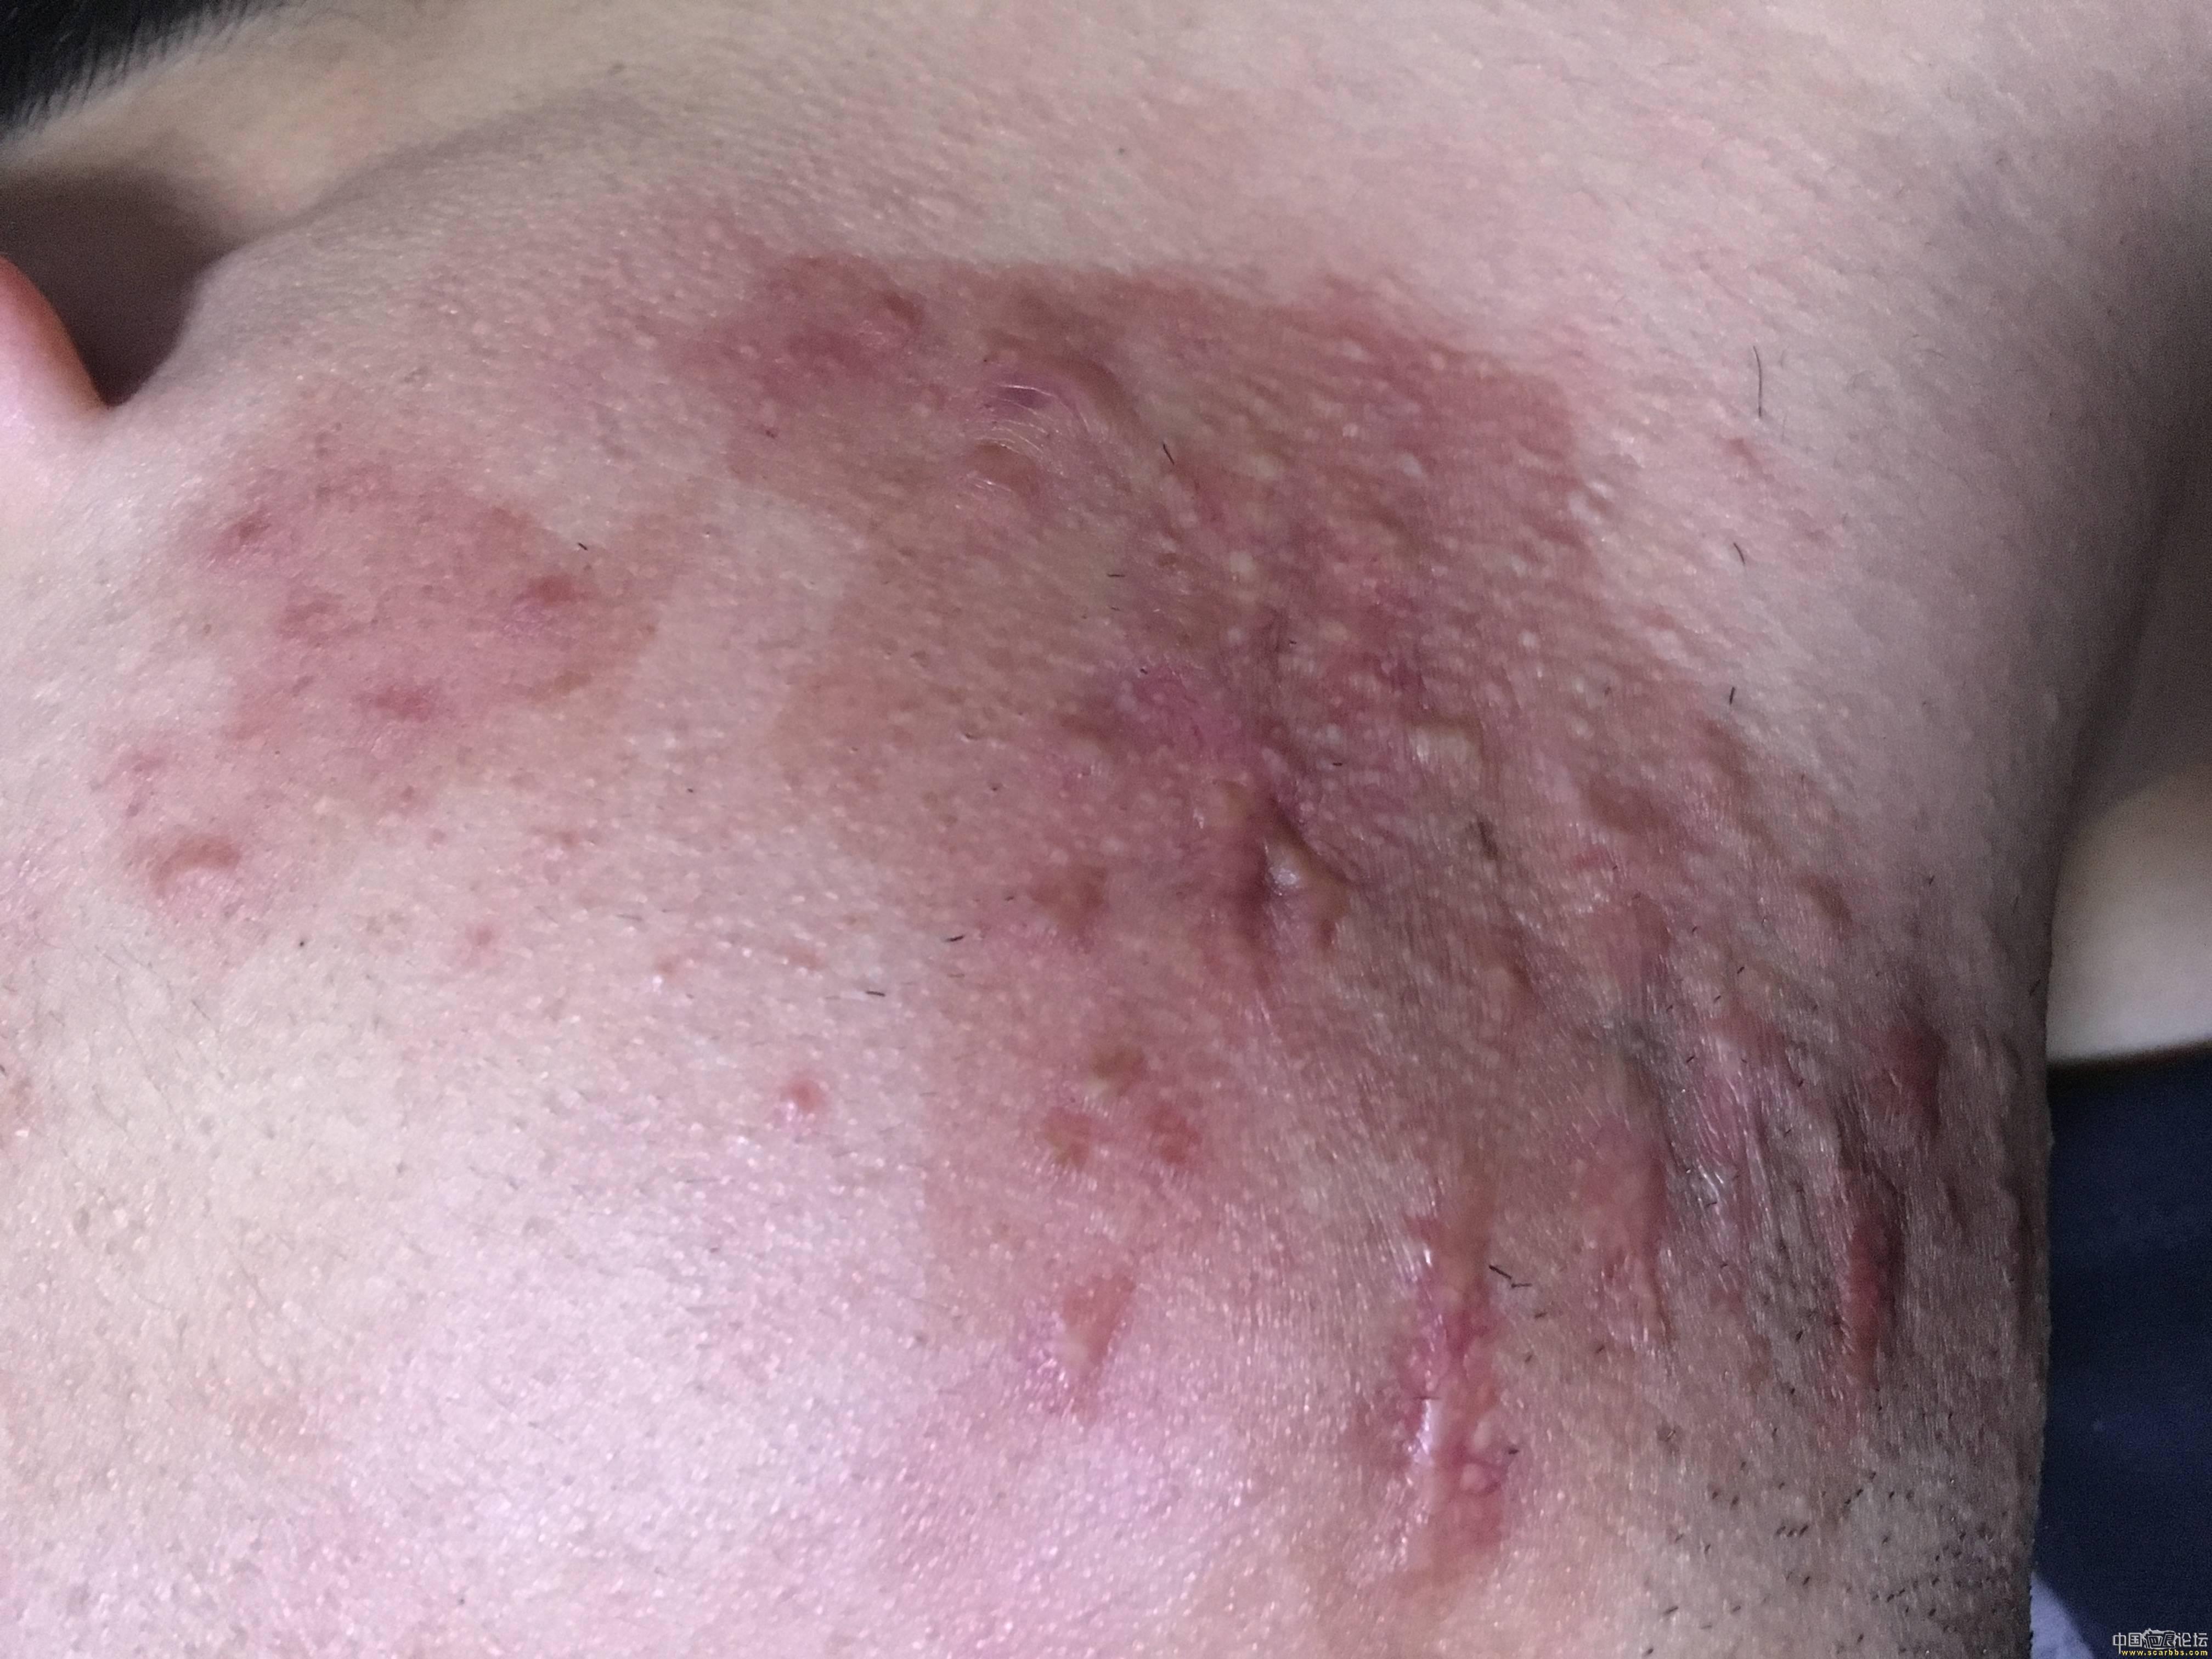 陪伴4年的腮部疤痕疙瘩治疗效果分享90-疤痕体质图片_疤痕疙瘩图片-中国疤痕论坛